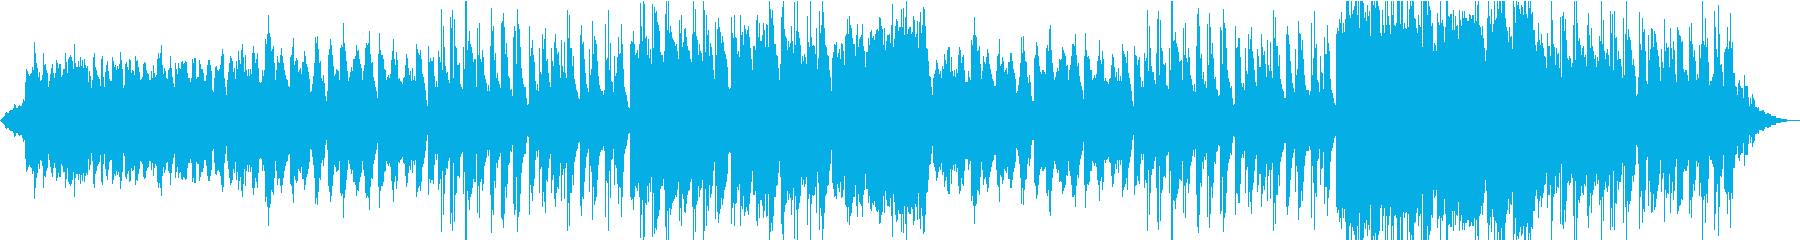 壮大な響きでゆっくりなメロディーの再生済みの波形